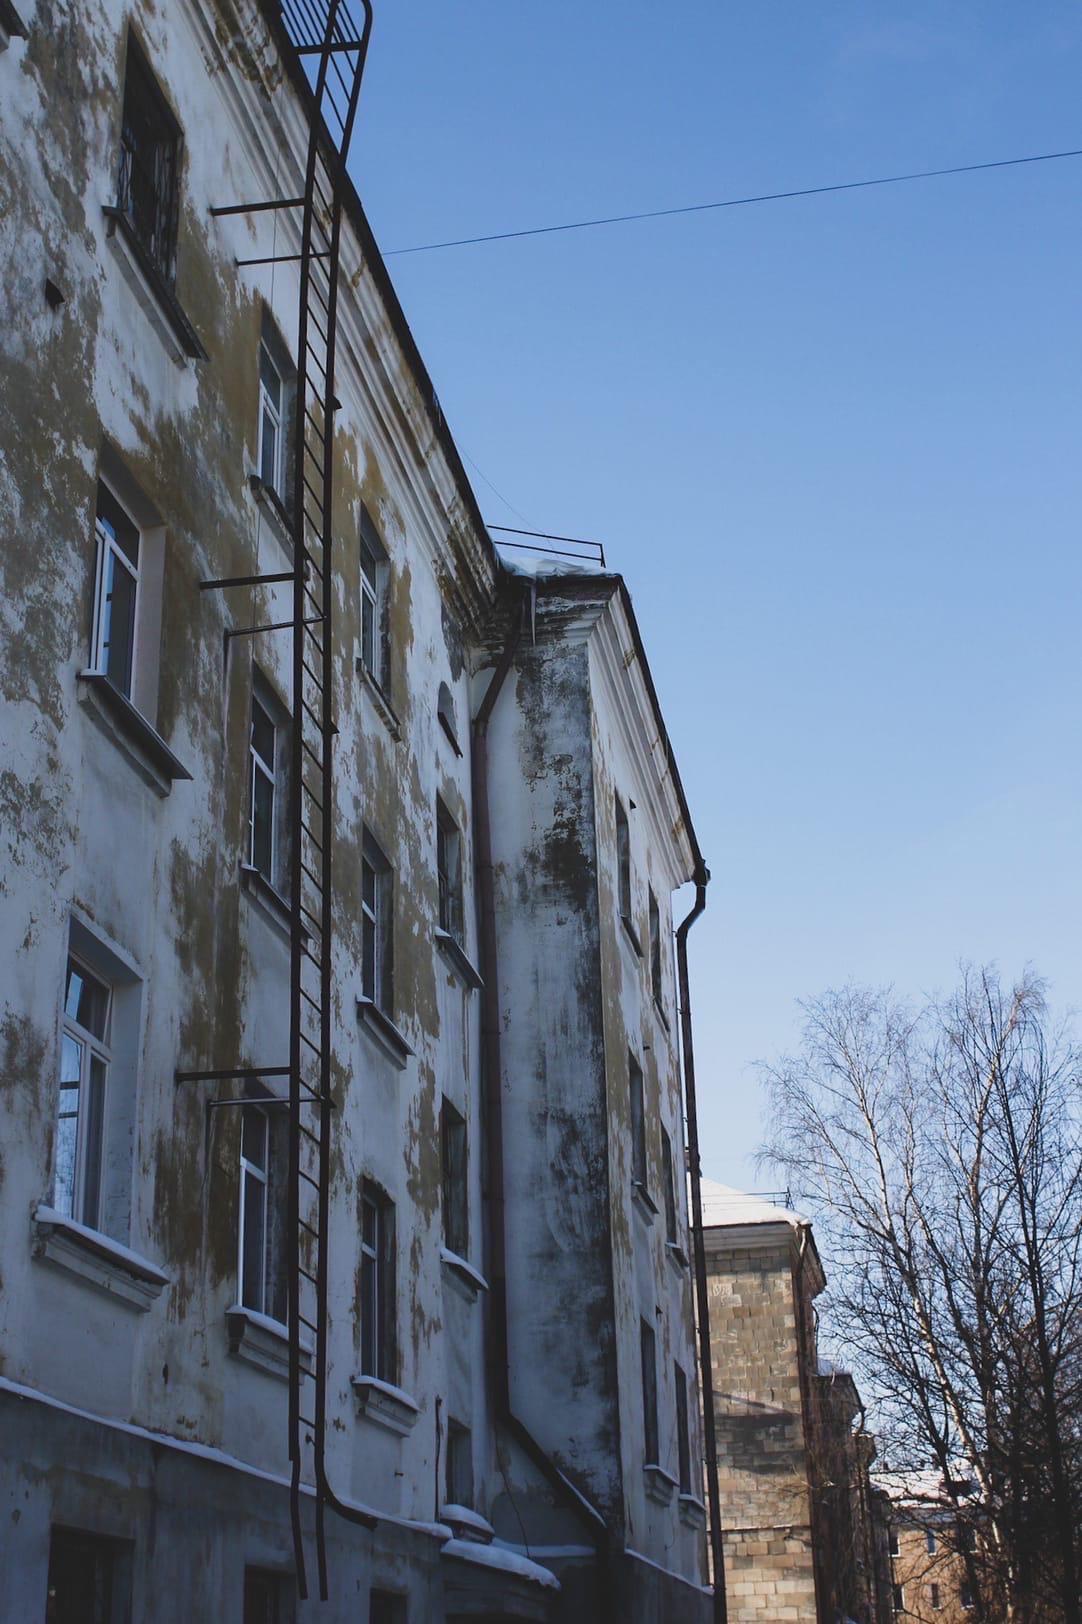 Петрозаводск, февраль 2021, -26